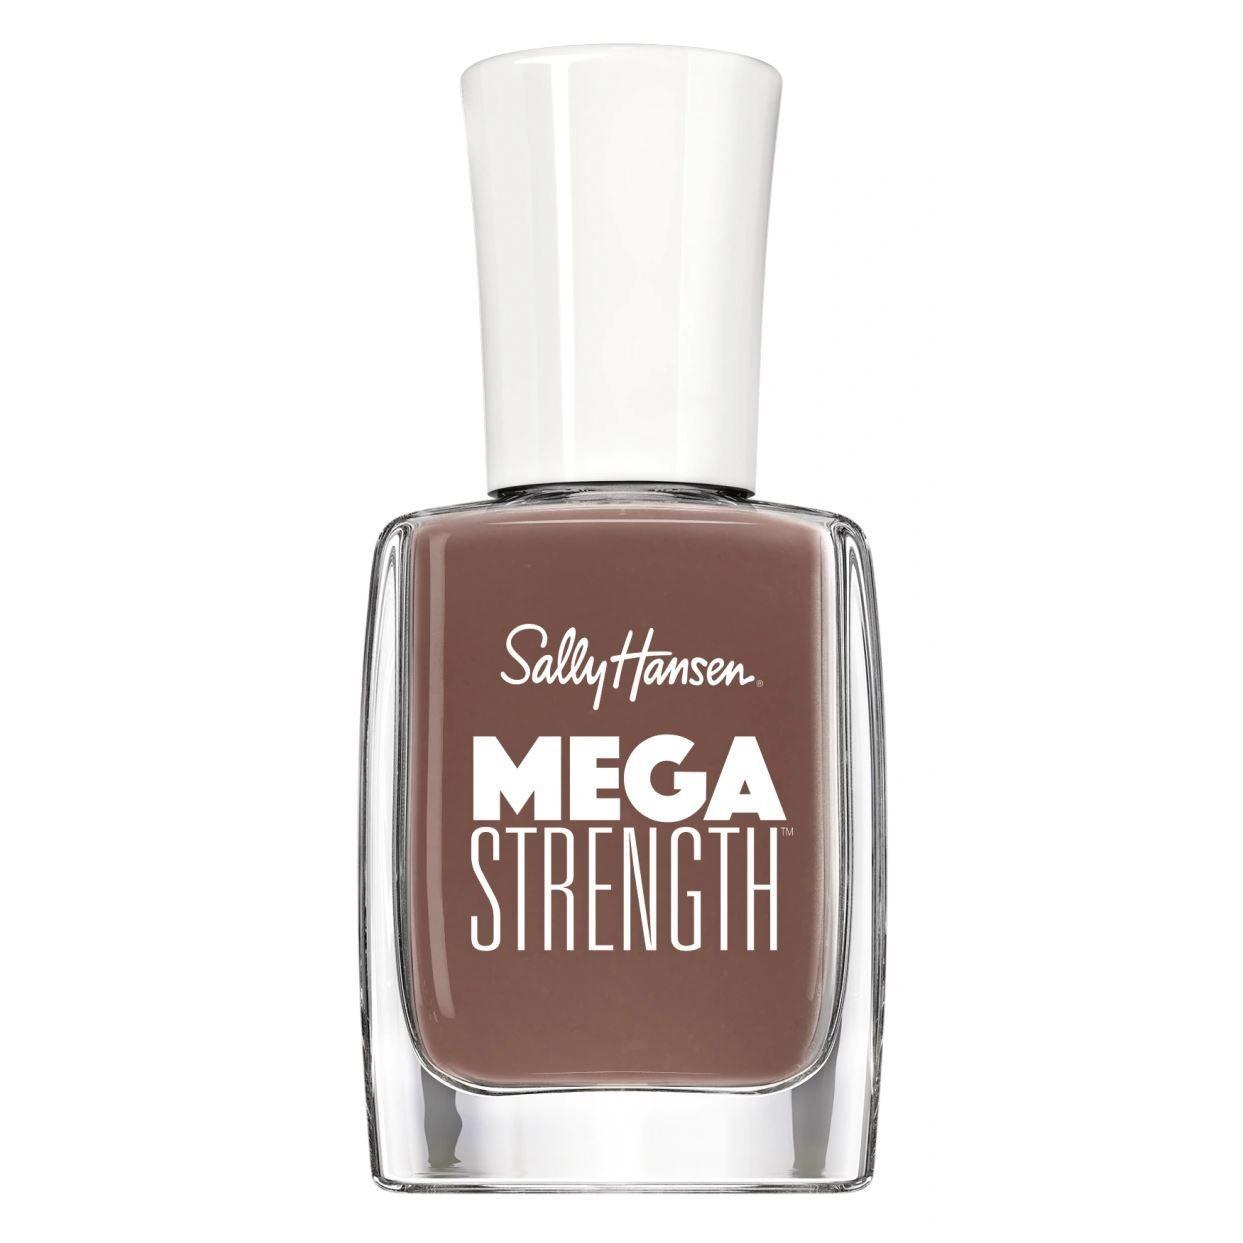 MEGA STRENGTH Nail Polish